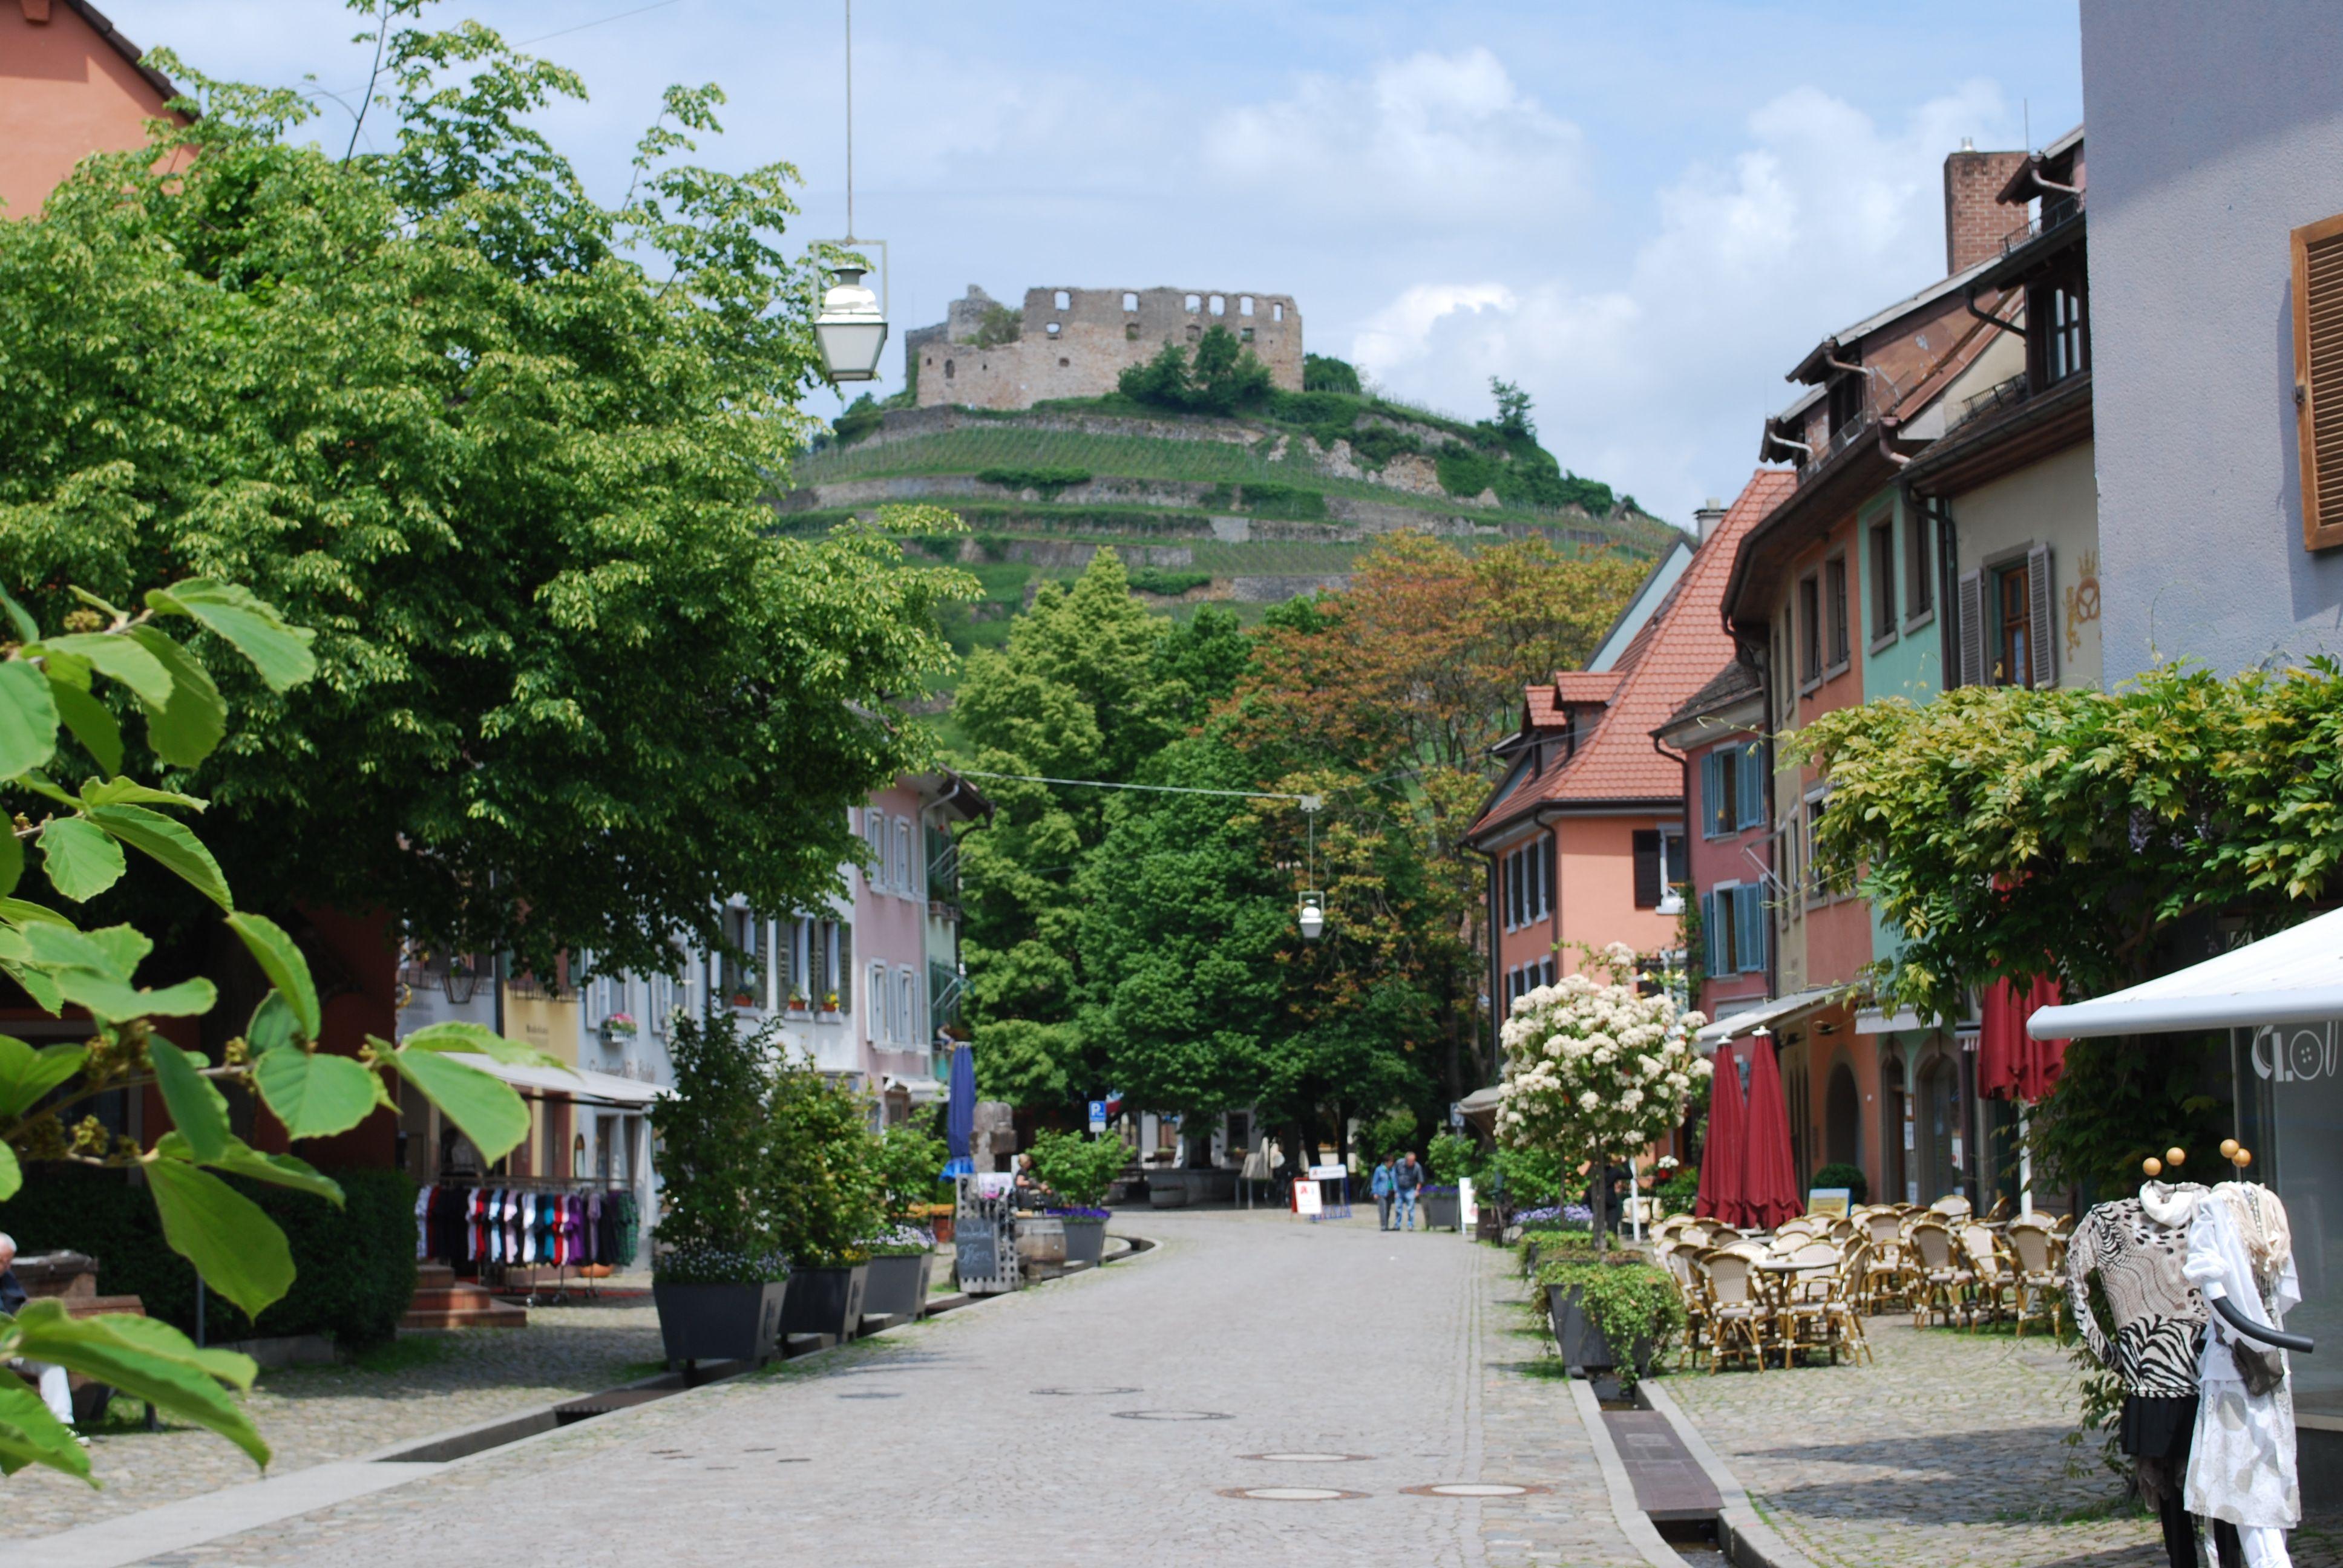 Lady aus Staufen im Breisgau